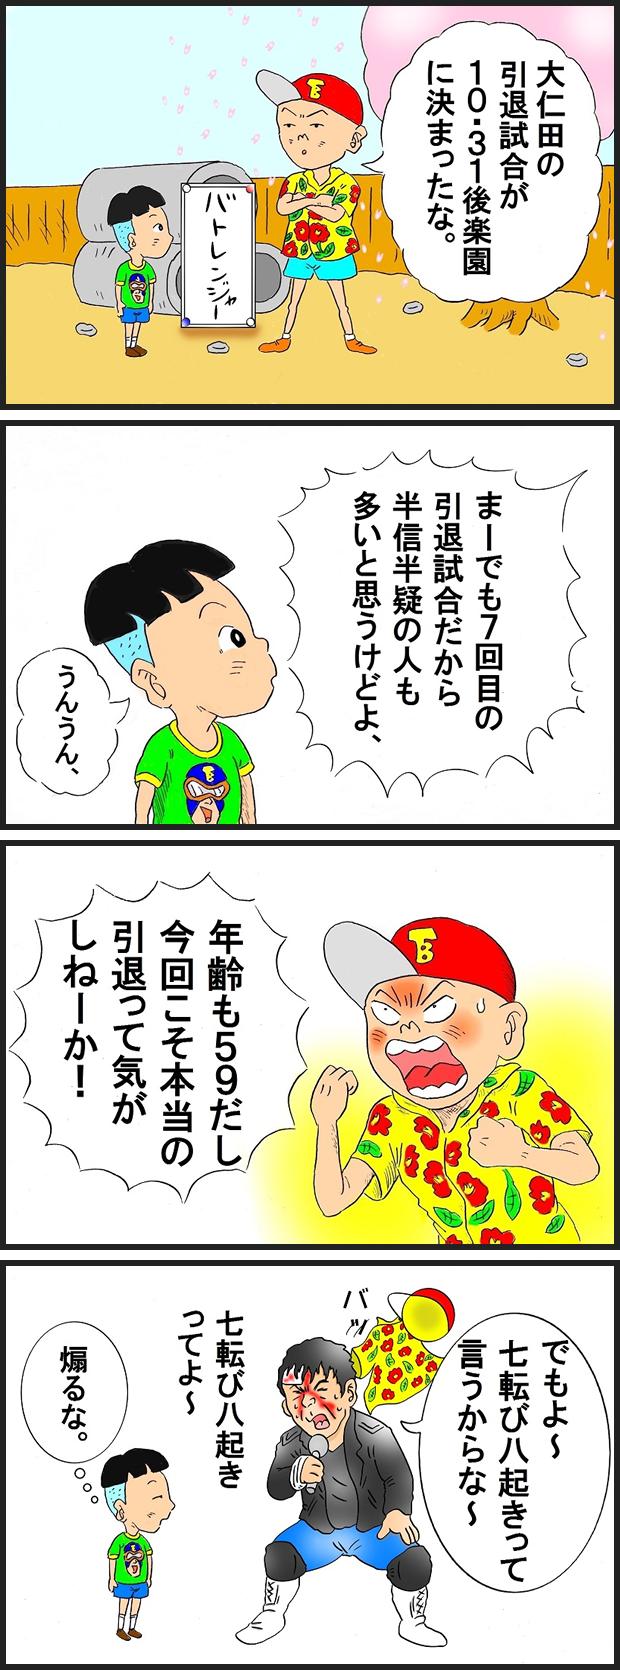 398 大仁田厚7度目の引退